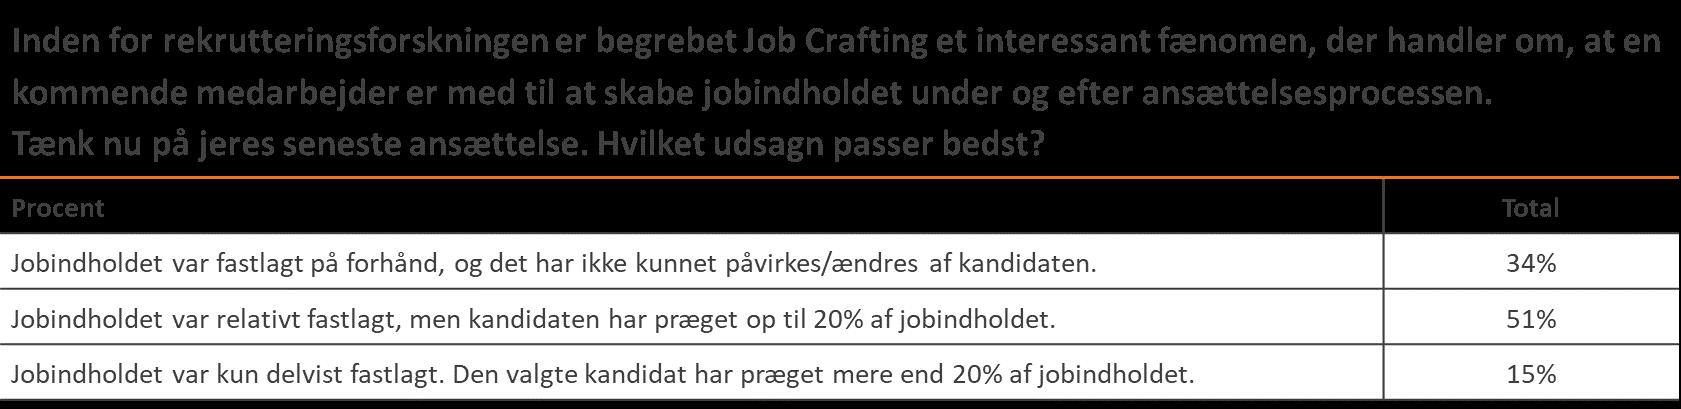 Job_crafting_Rekrutteringsanalysen_2019